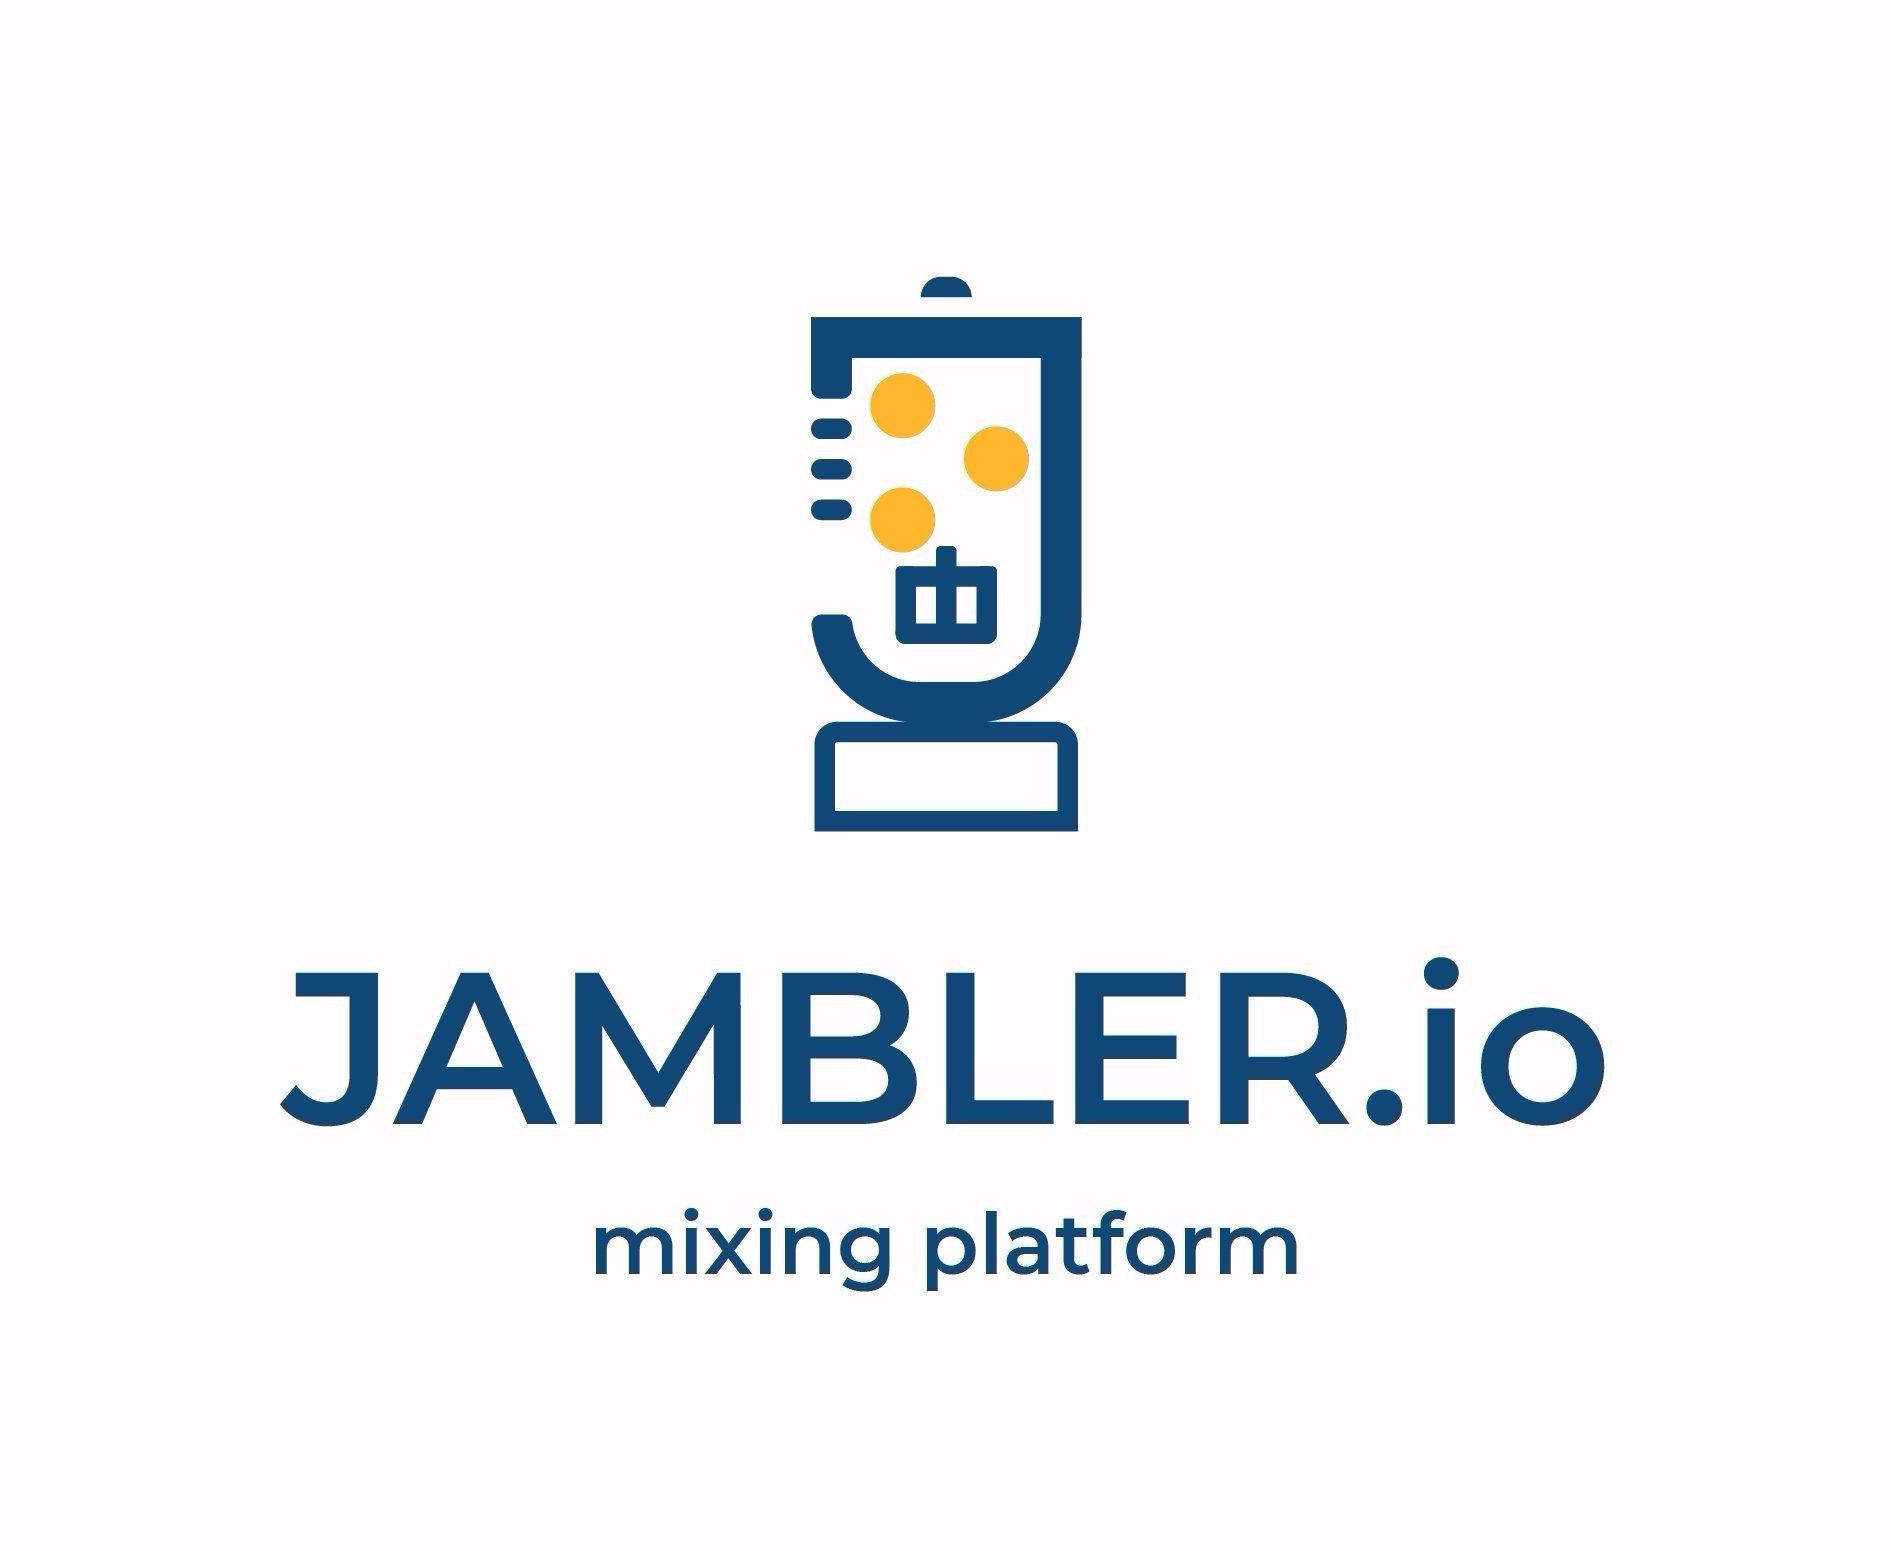 Jambler.iologo